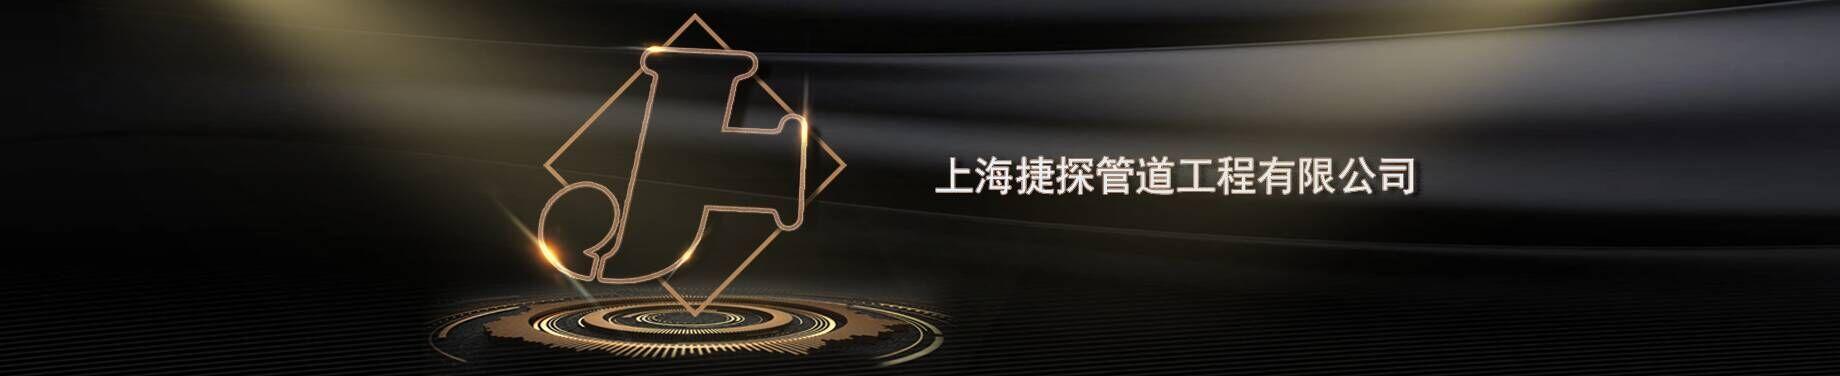 上海捷探管道工程有限公司